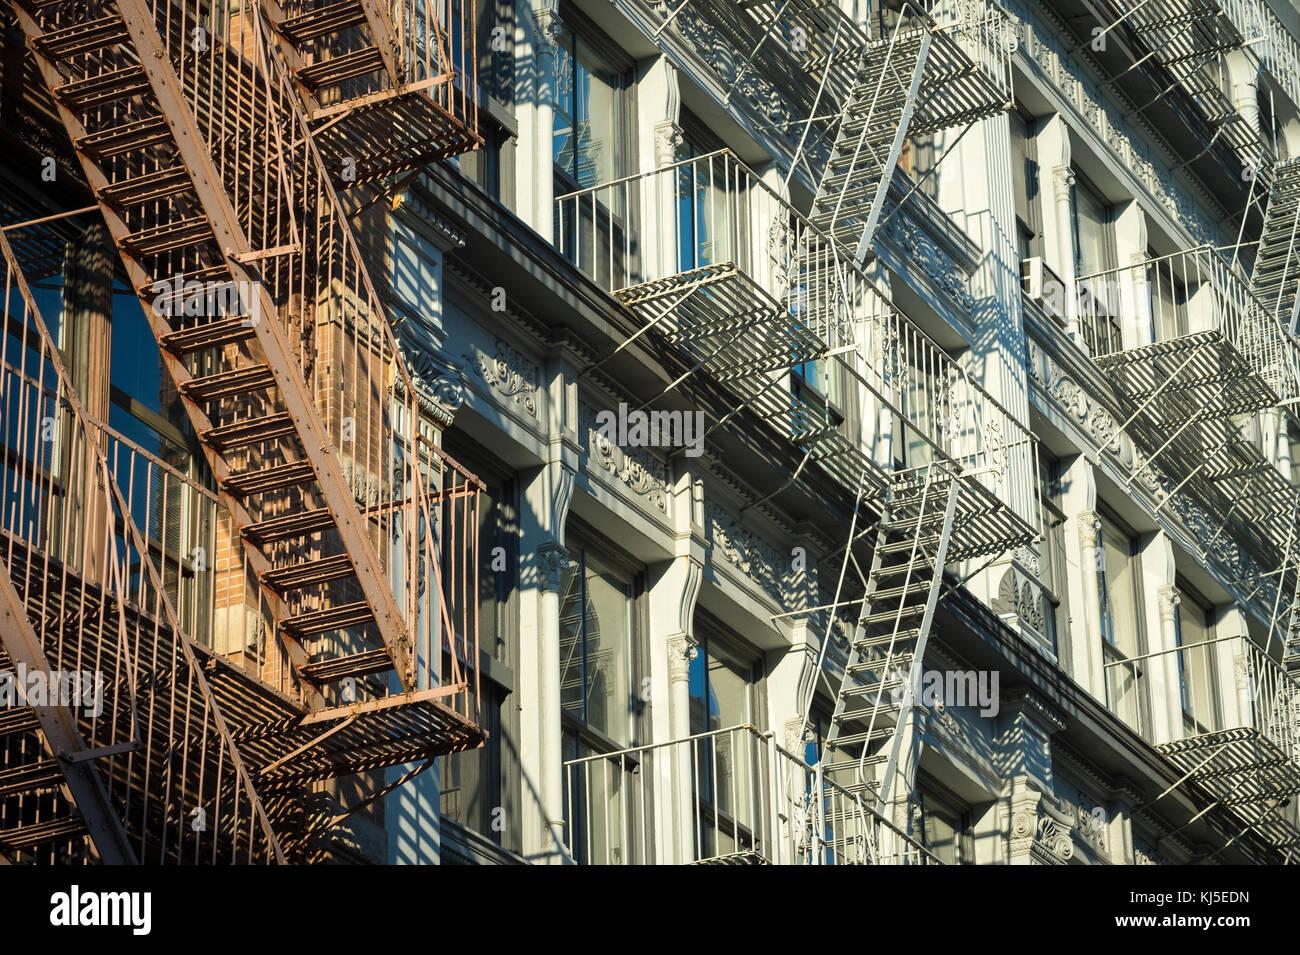 Ver detalles de la arquitectura del hierro fundido de incendio en la ciudad de Nueva York Imagen De Stock